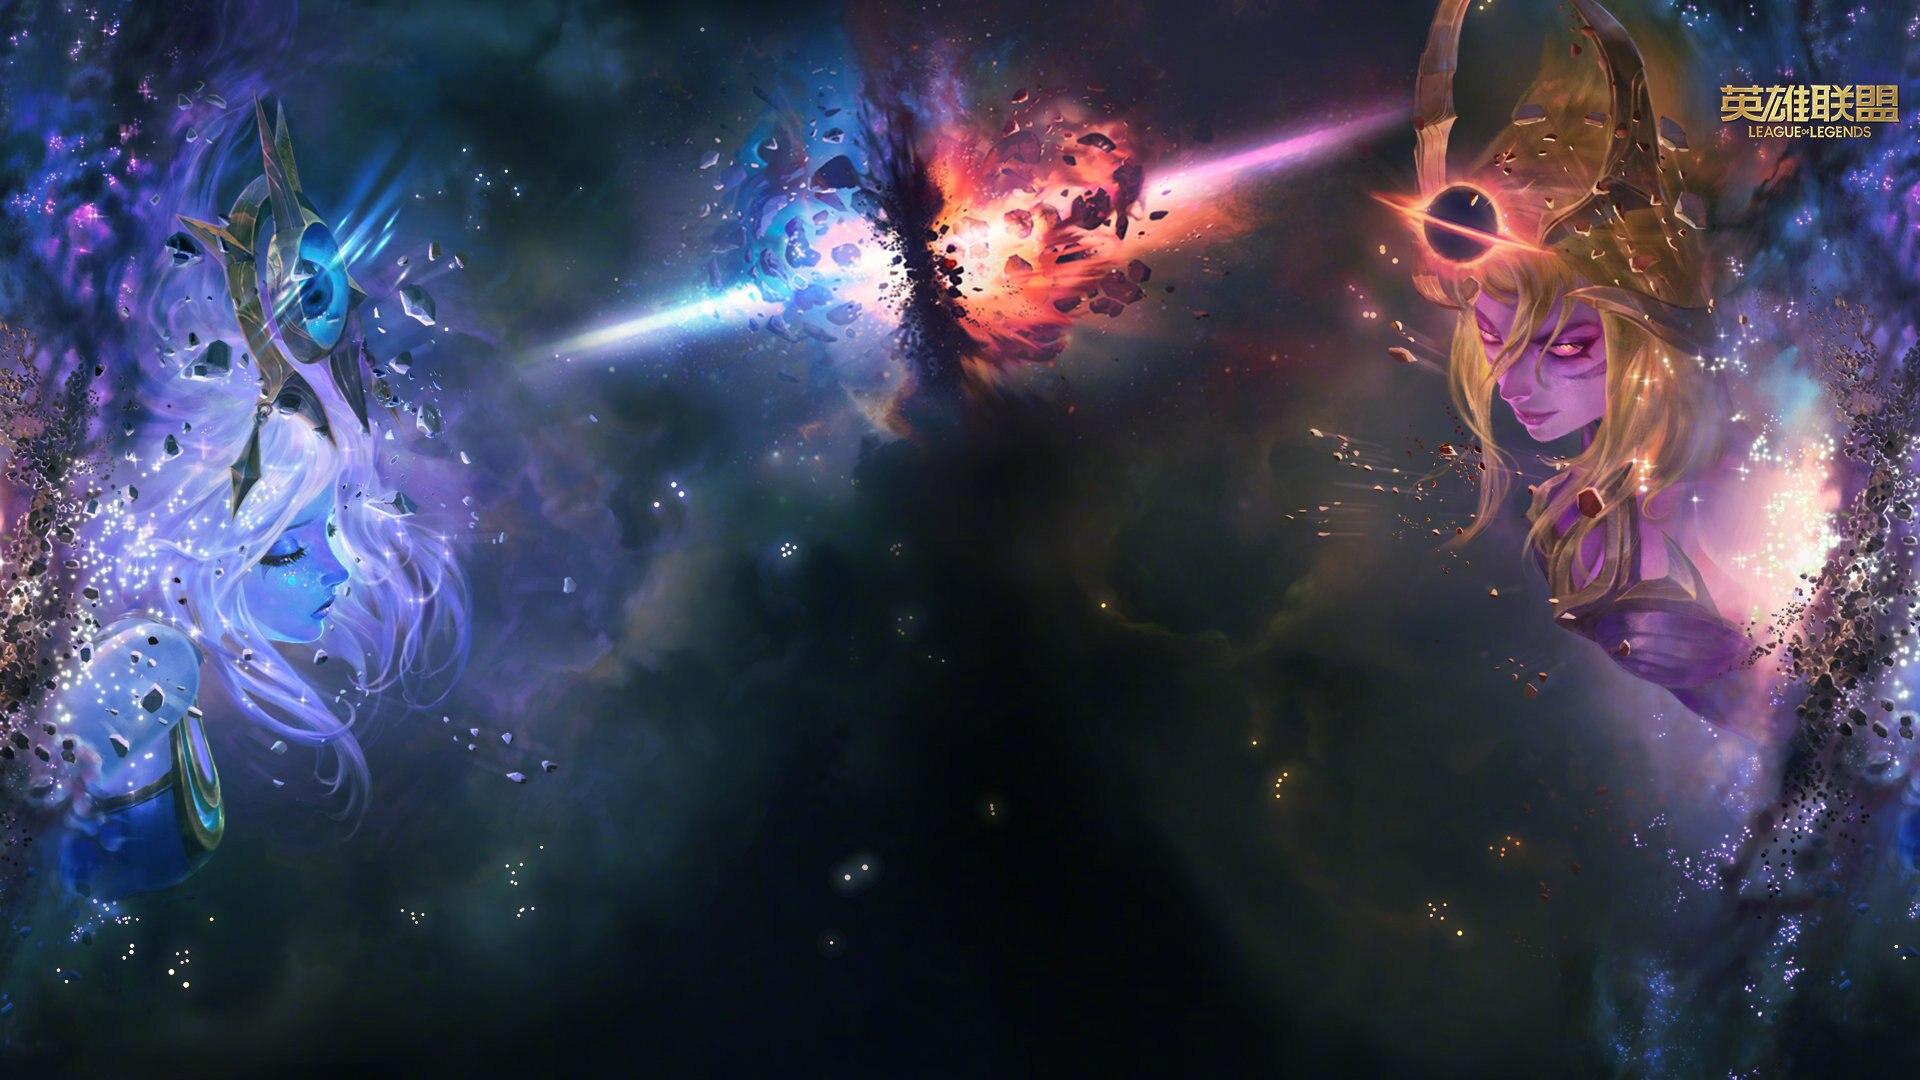 英雄联盟银河战争主题插画桌面壁纸